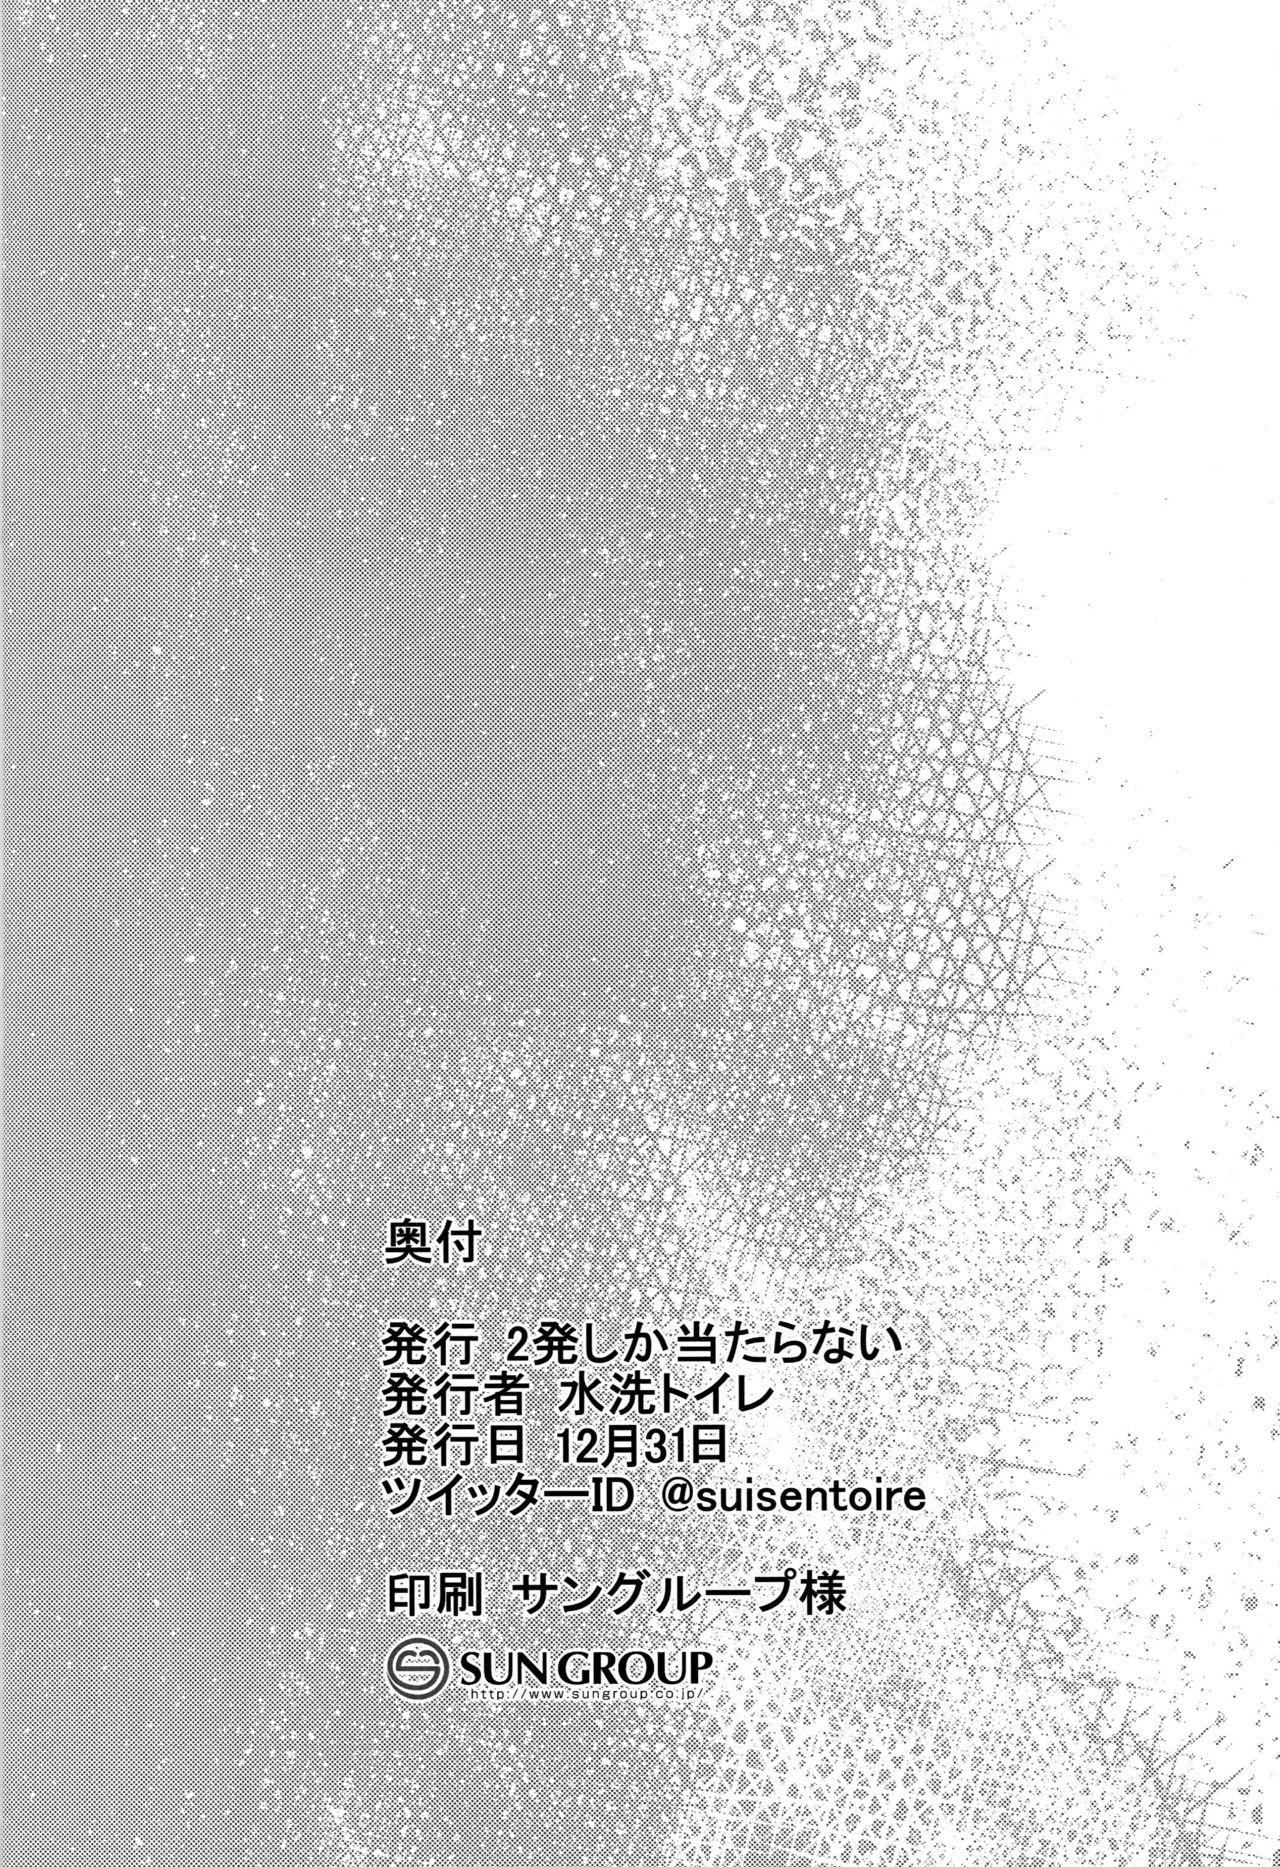 Taiekigo no Shoukaku to 19